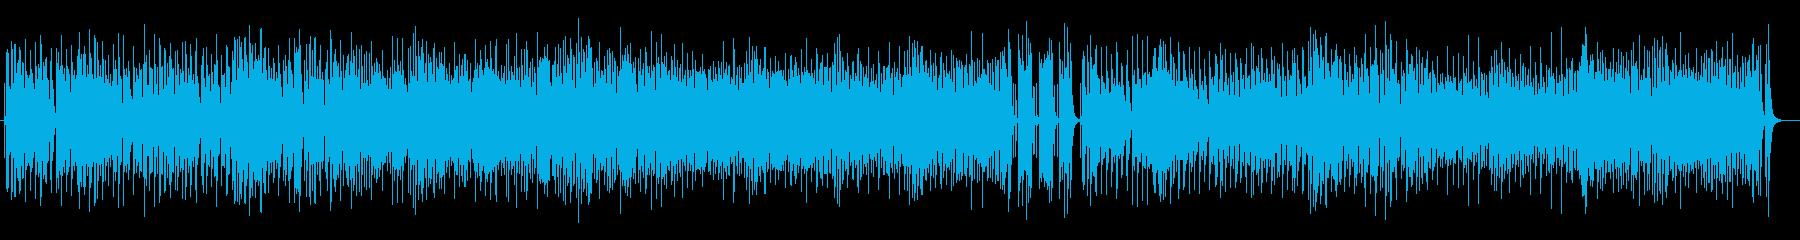 リズミカルでアップテンポなジャズサウンドの再生済みの波形